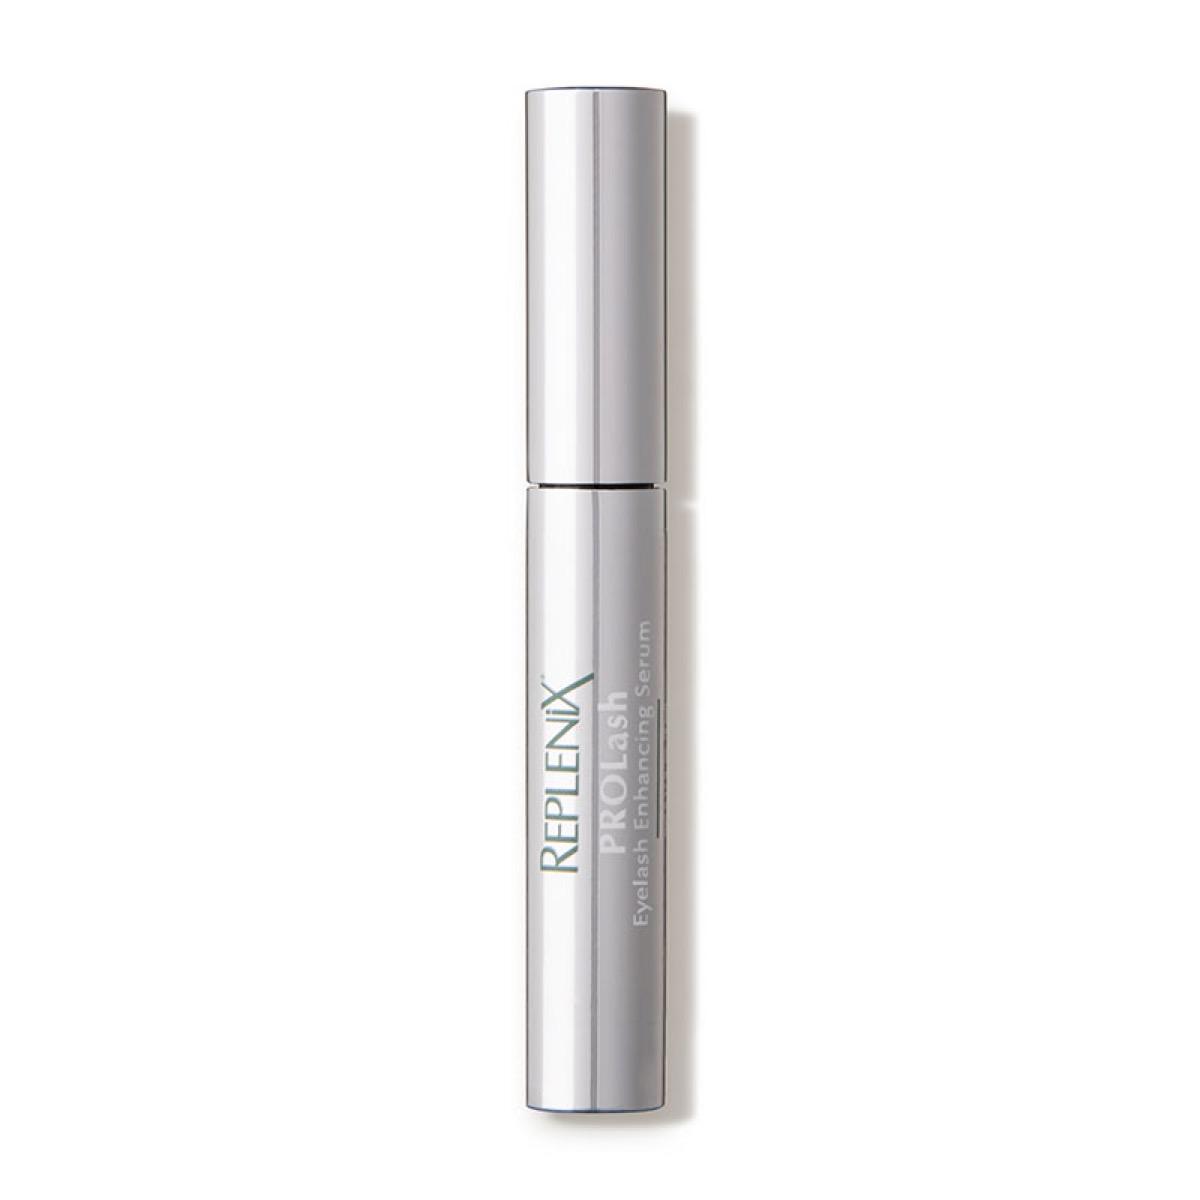 Replenix PROLash Eyelash Enhancing Serum (5 ml.)